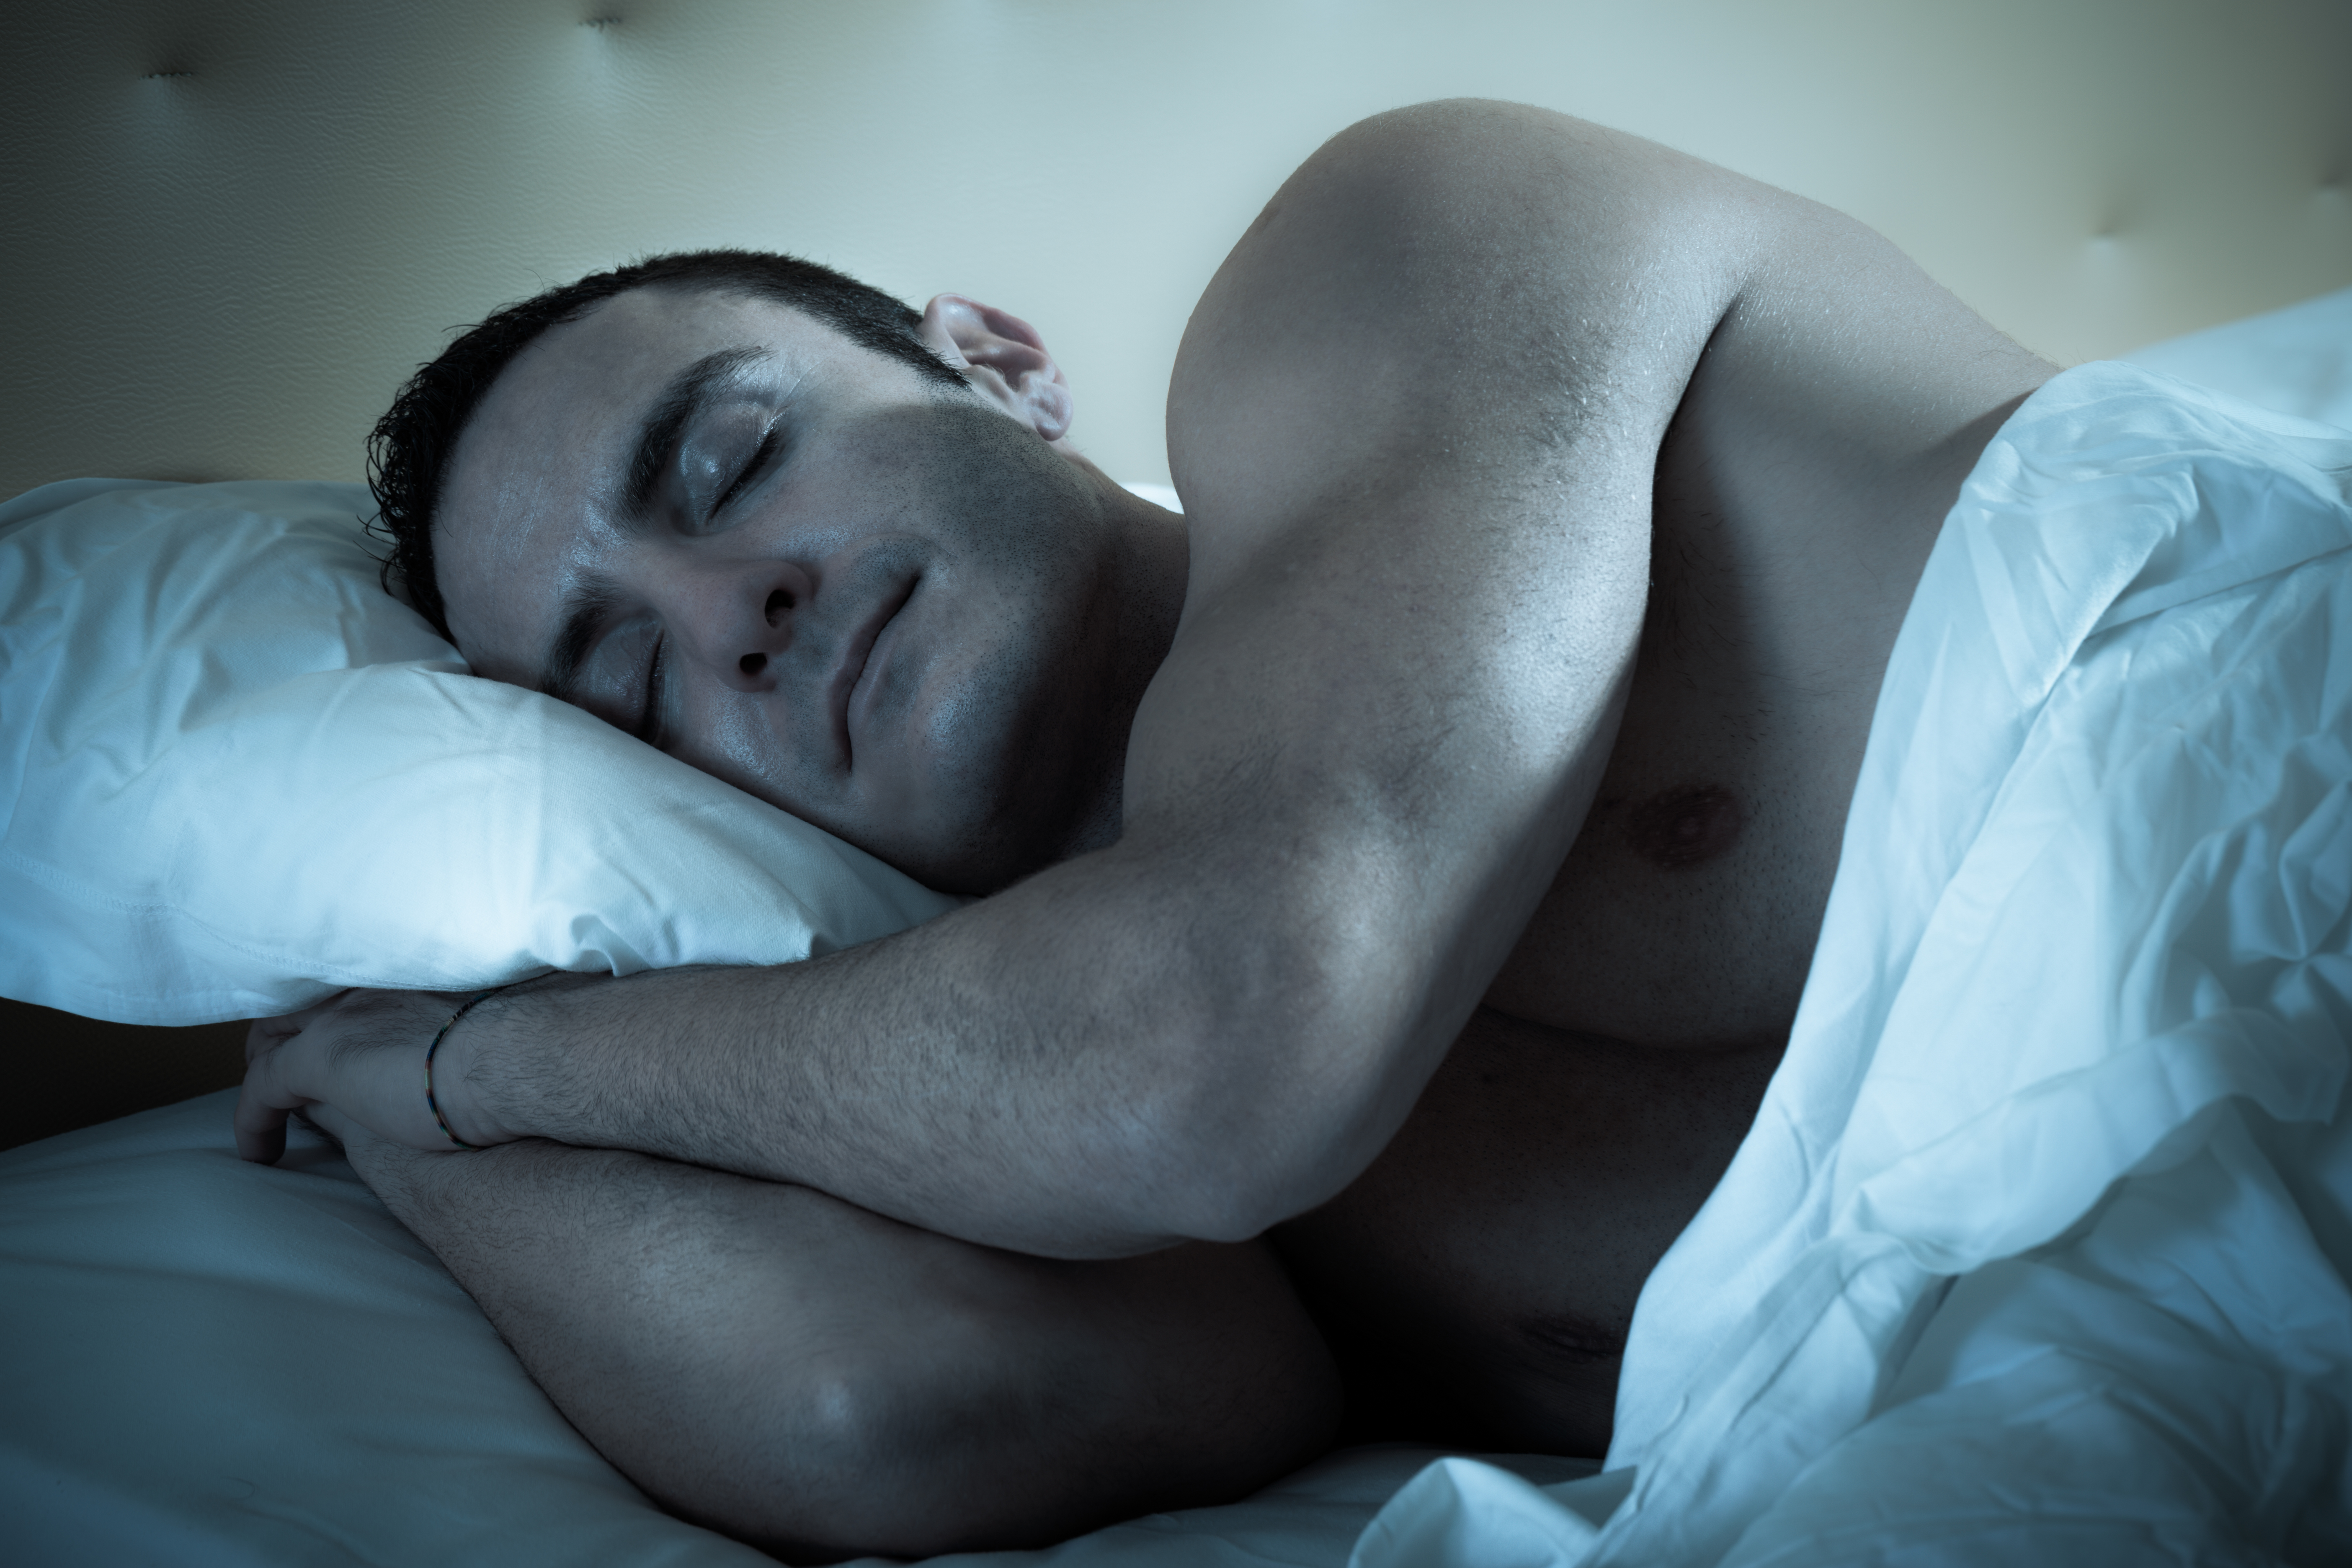 Спящий мужик фото 20 фотография